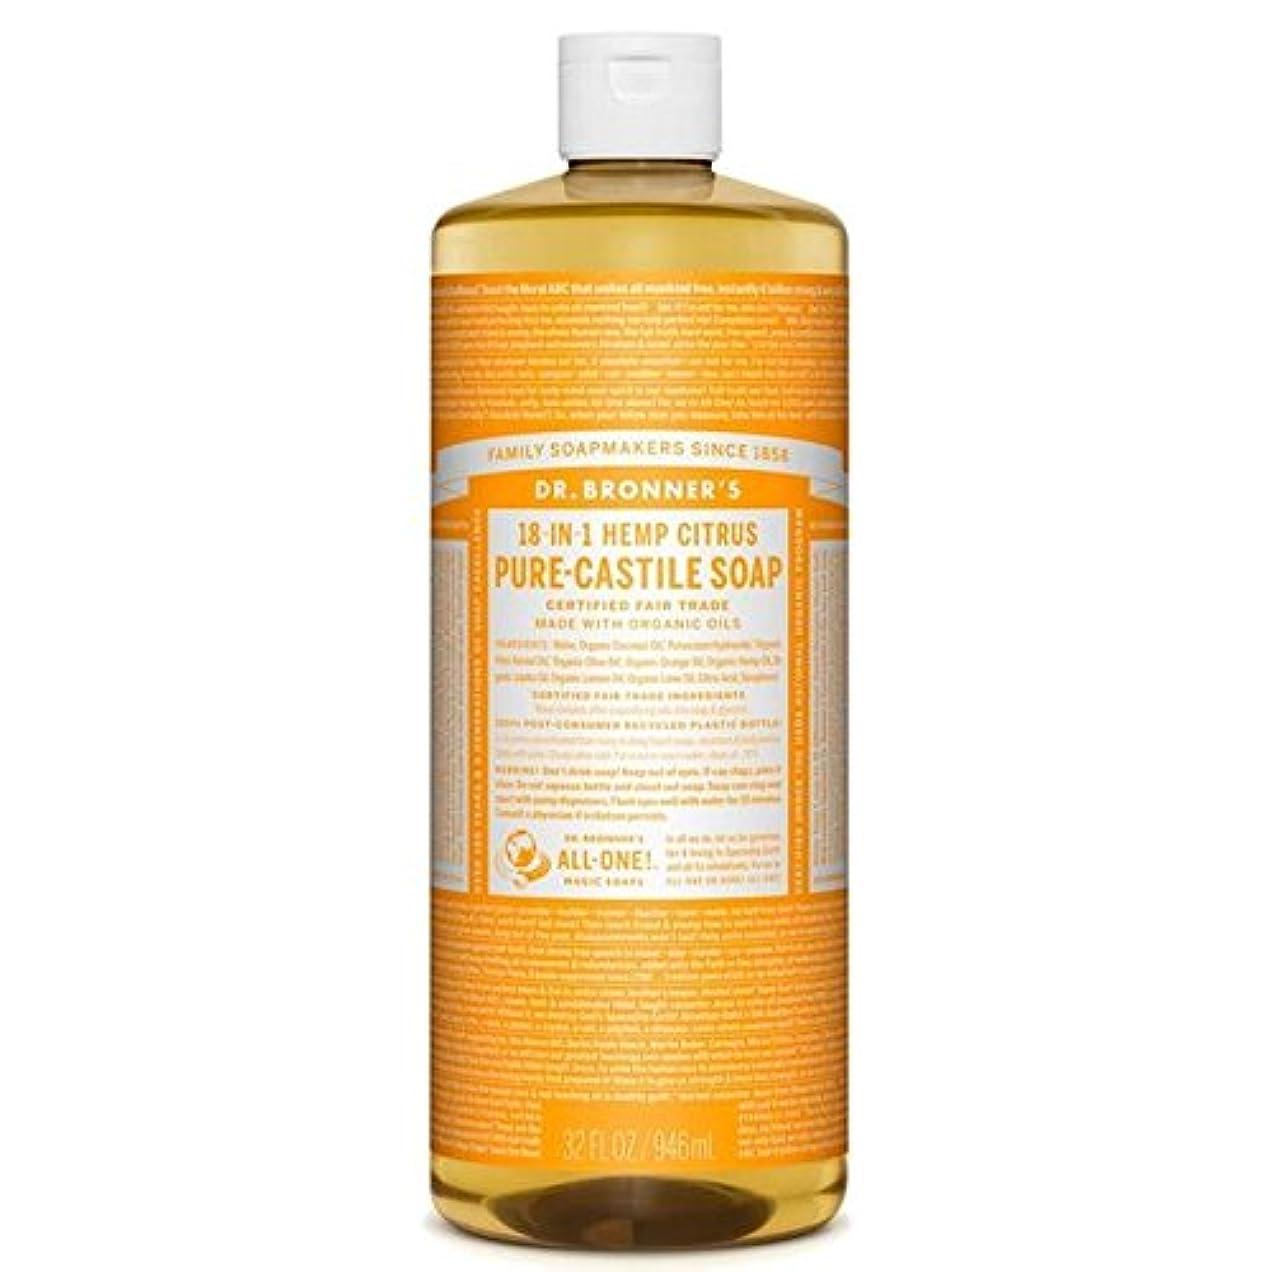 正しく環境保護主義者無限大のブロナーオーガニックシトラスカスティーリャ液体石鹸946ミリリットル x2 - Dr Bronner Organic Citrus Castile Liquid Soap 946ml (Pack of 2) [並行輸入品]